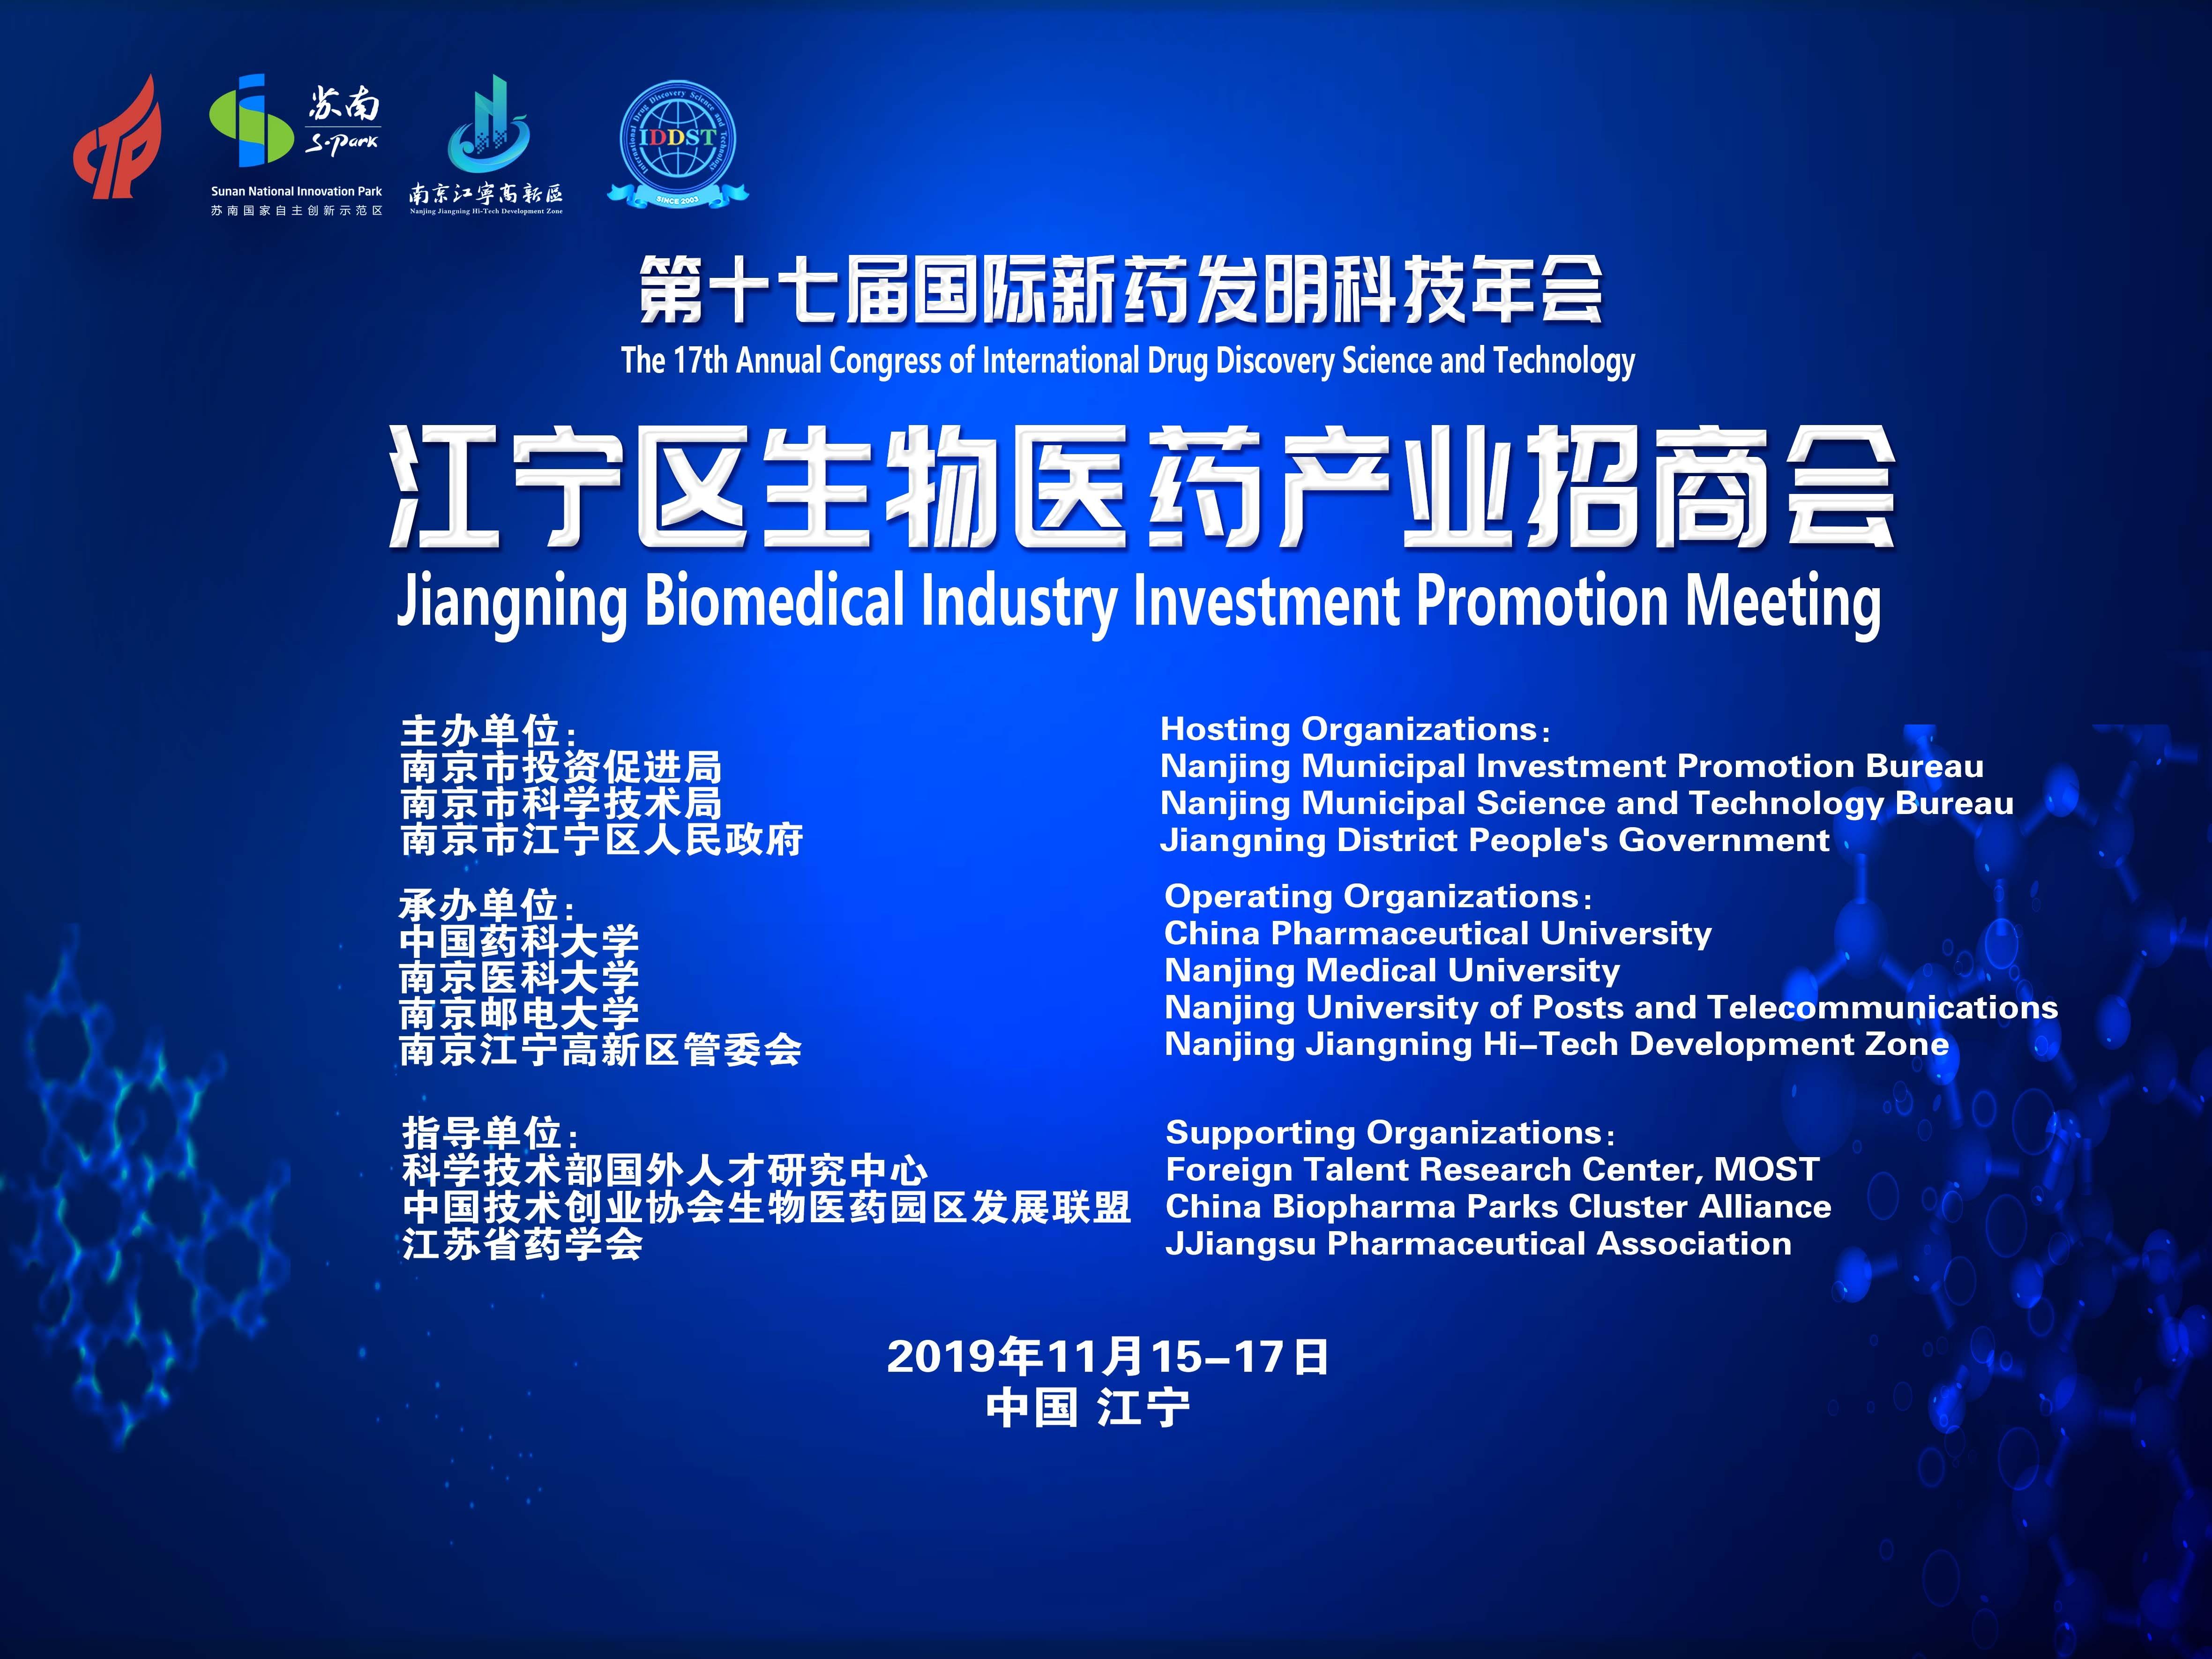 2019第十七届国际新药发明科技年会暨江宁区生物医药产业招商会(南京)